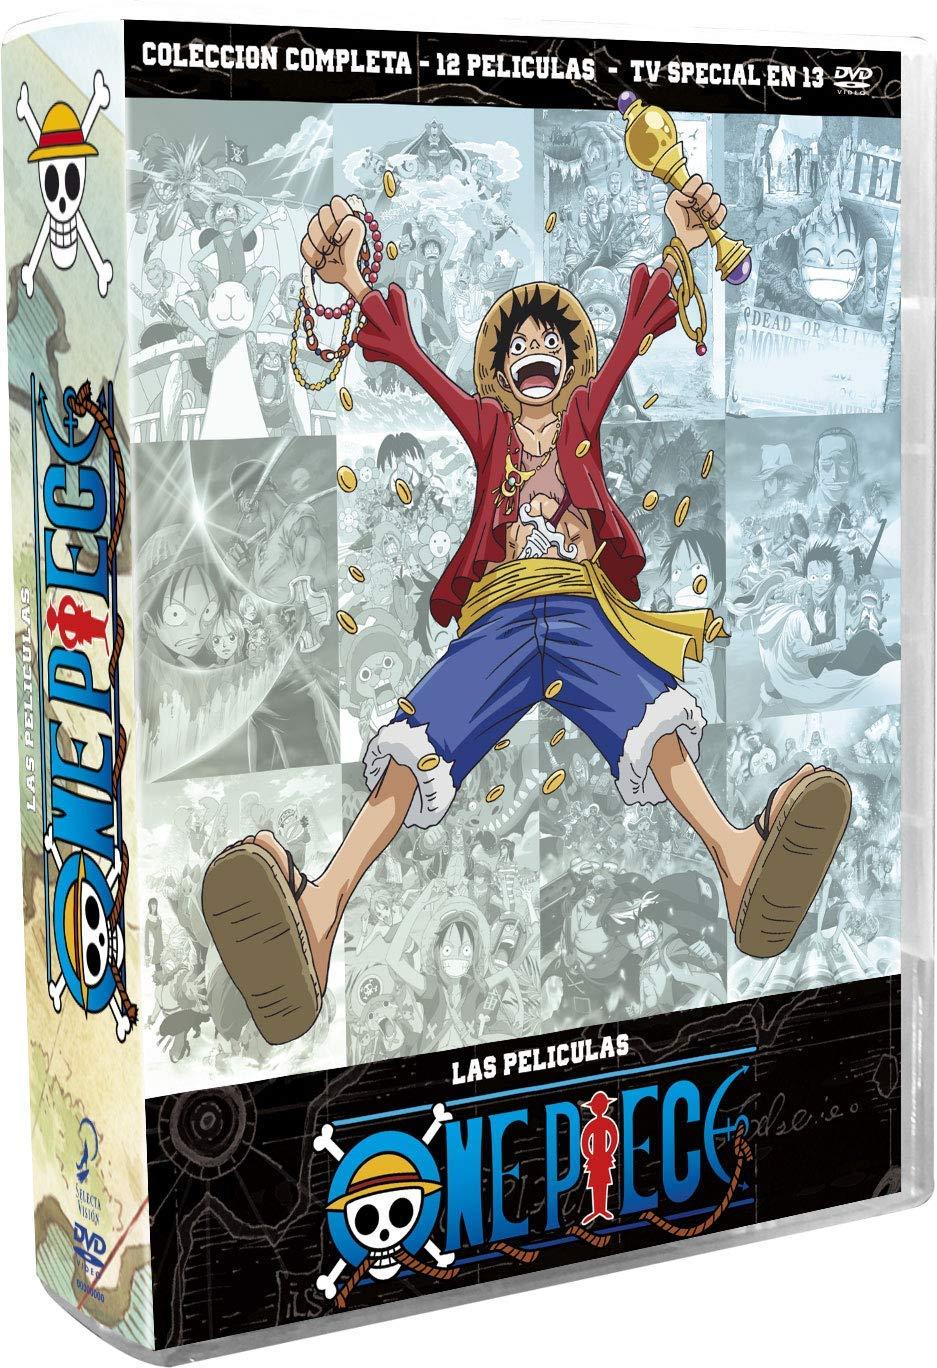 DVD ONE PIECE LAS PELICULAS COLECCION COMPLETA